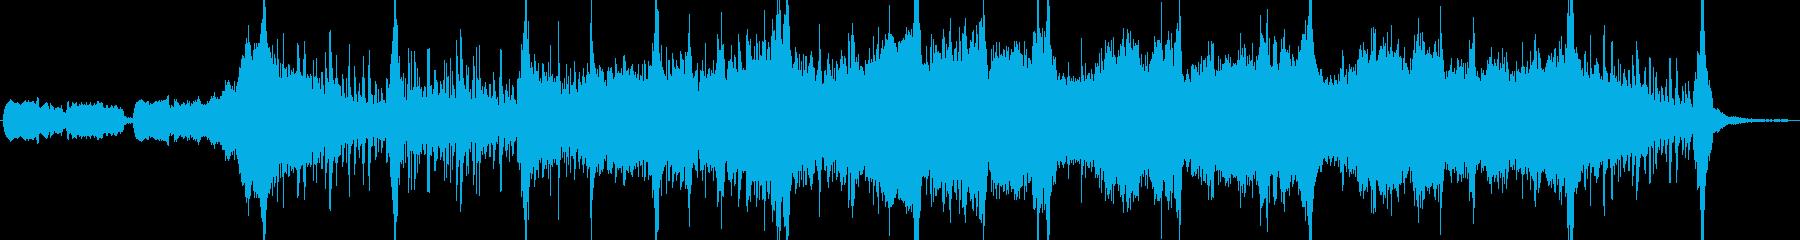 ゲーム的オーケストラ 冒険の始まる平原の再生済みの波形